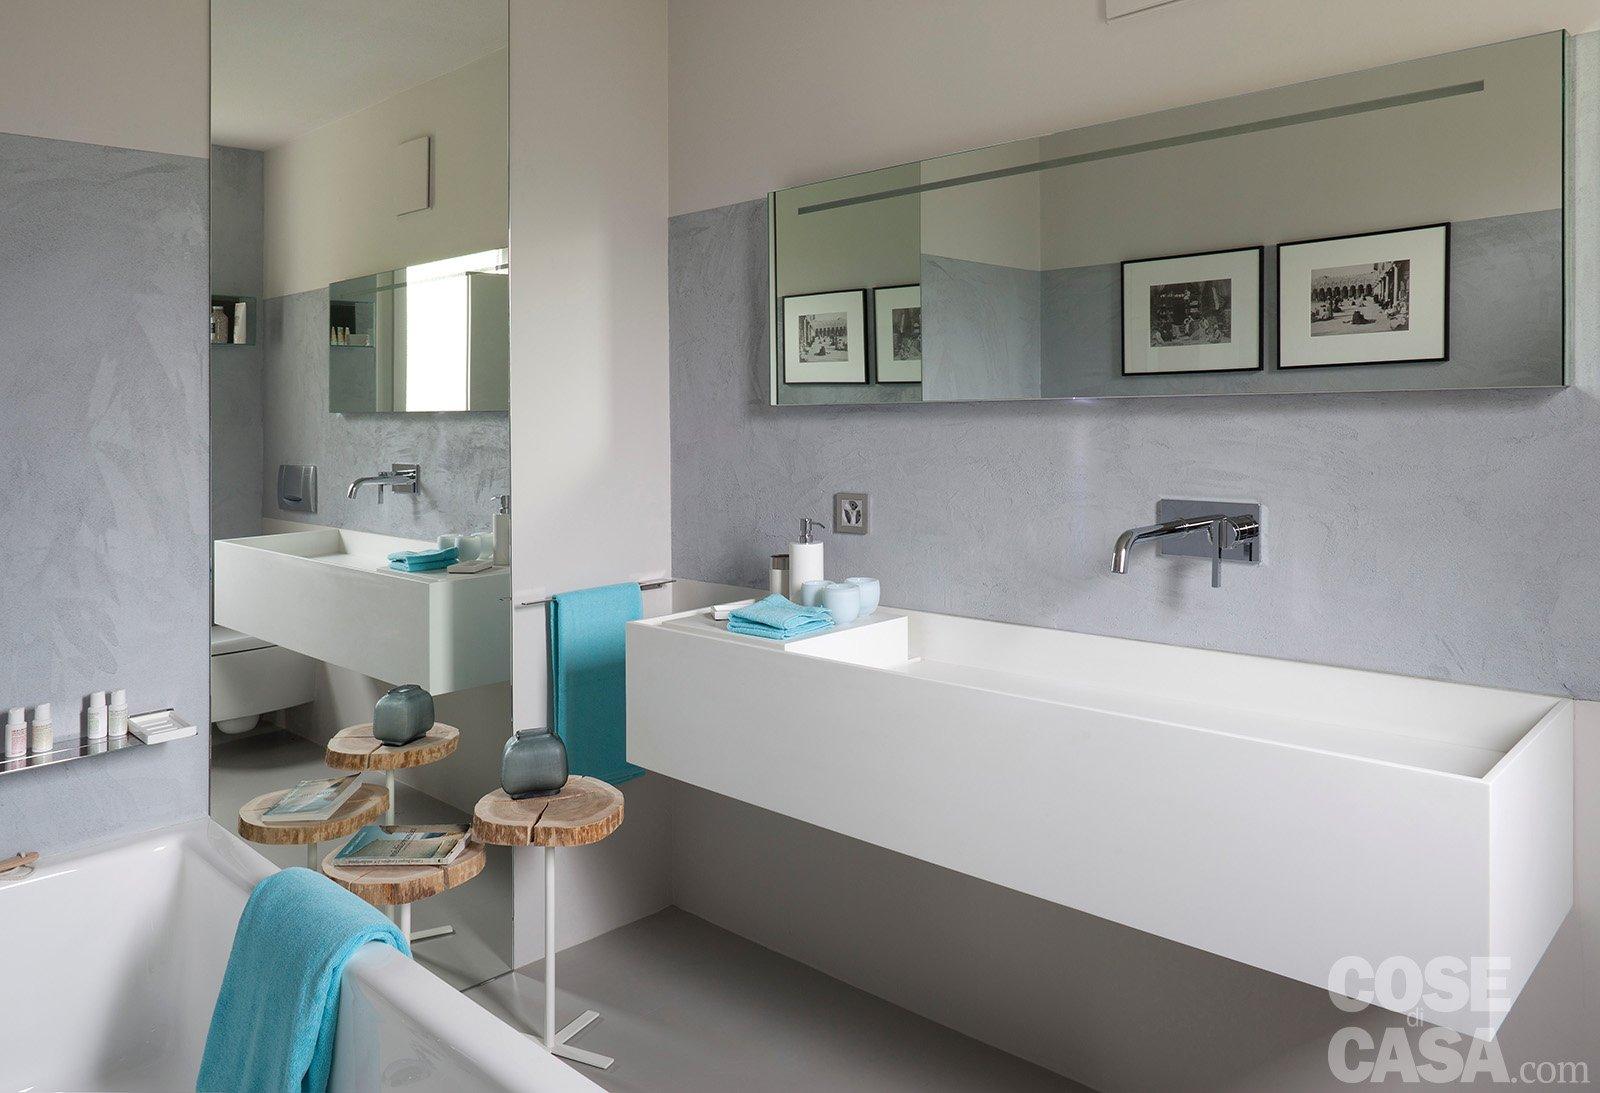 Maxi bilocale con terrazzo perfetto per due cose di casa for Planimetrie della casa piscina con bagno